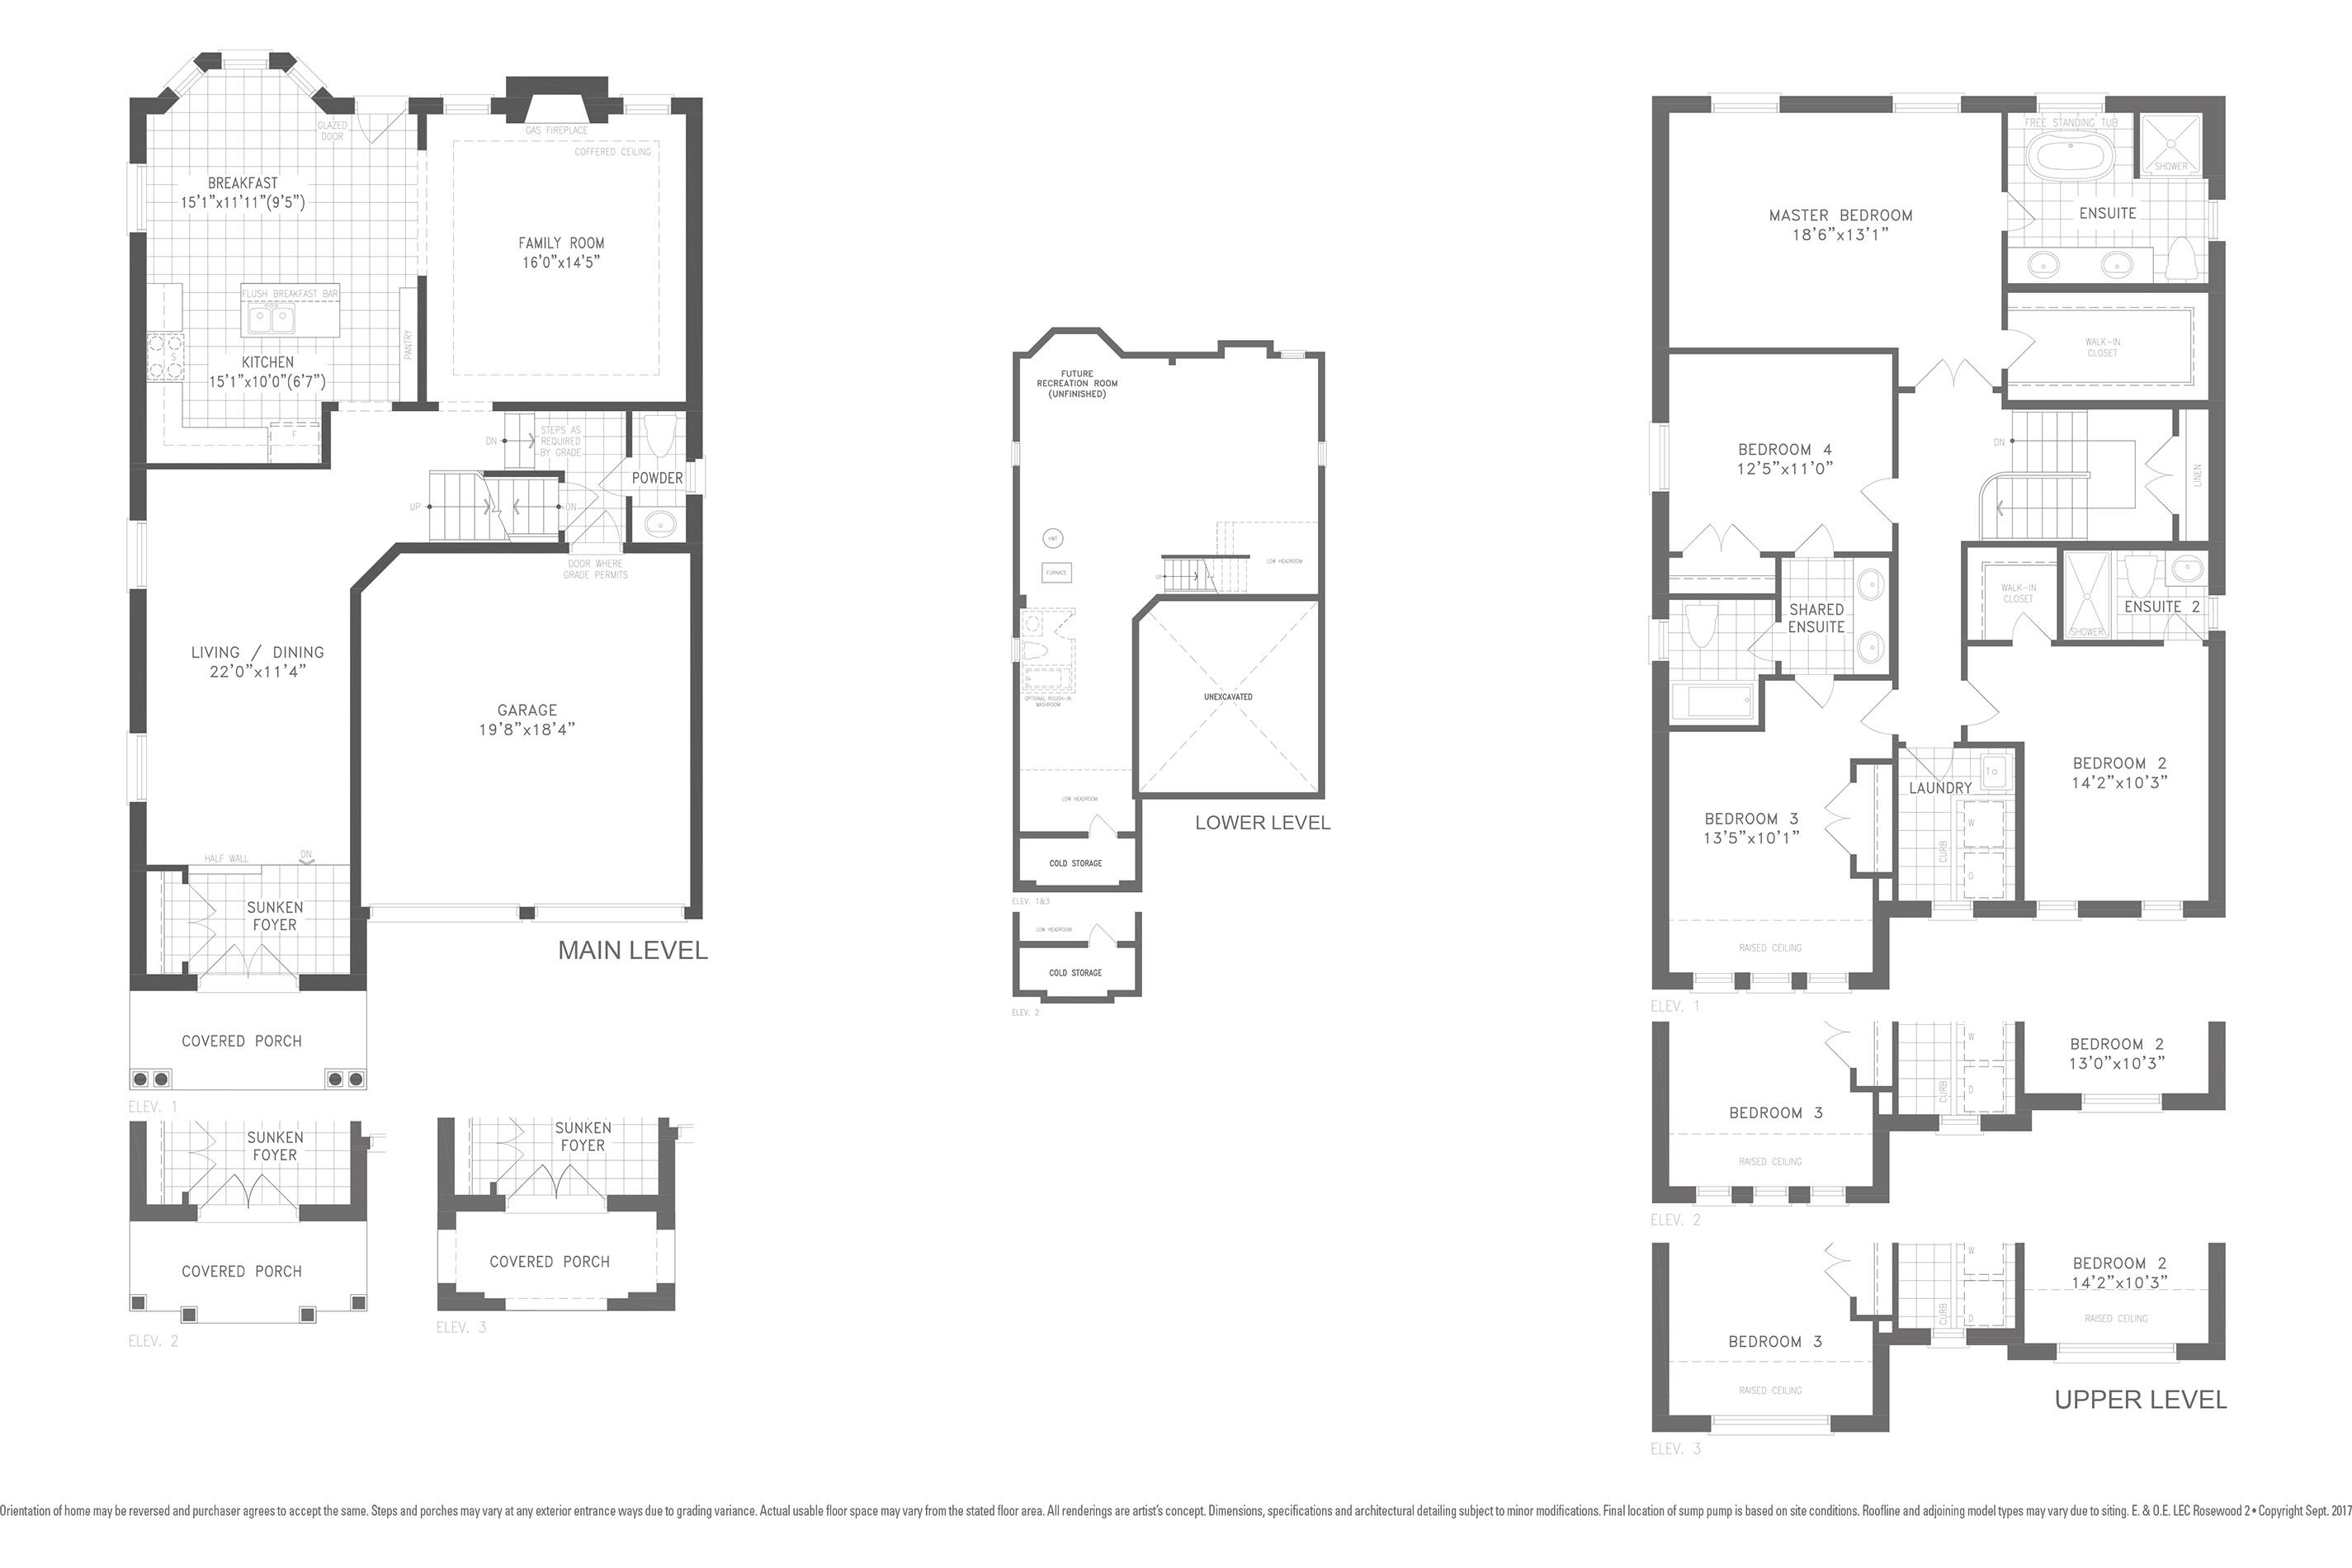 Sawmill 2 Floorplan